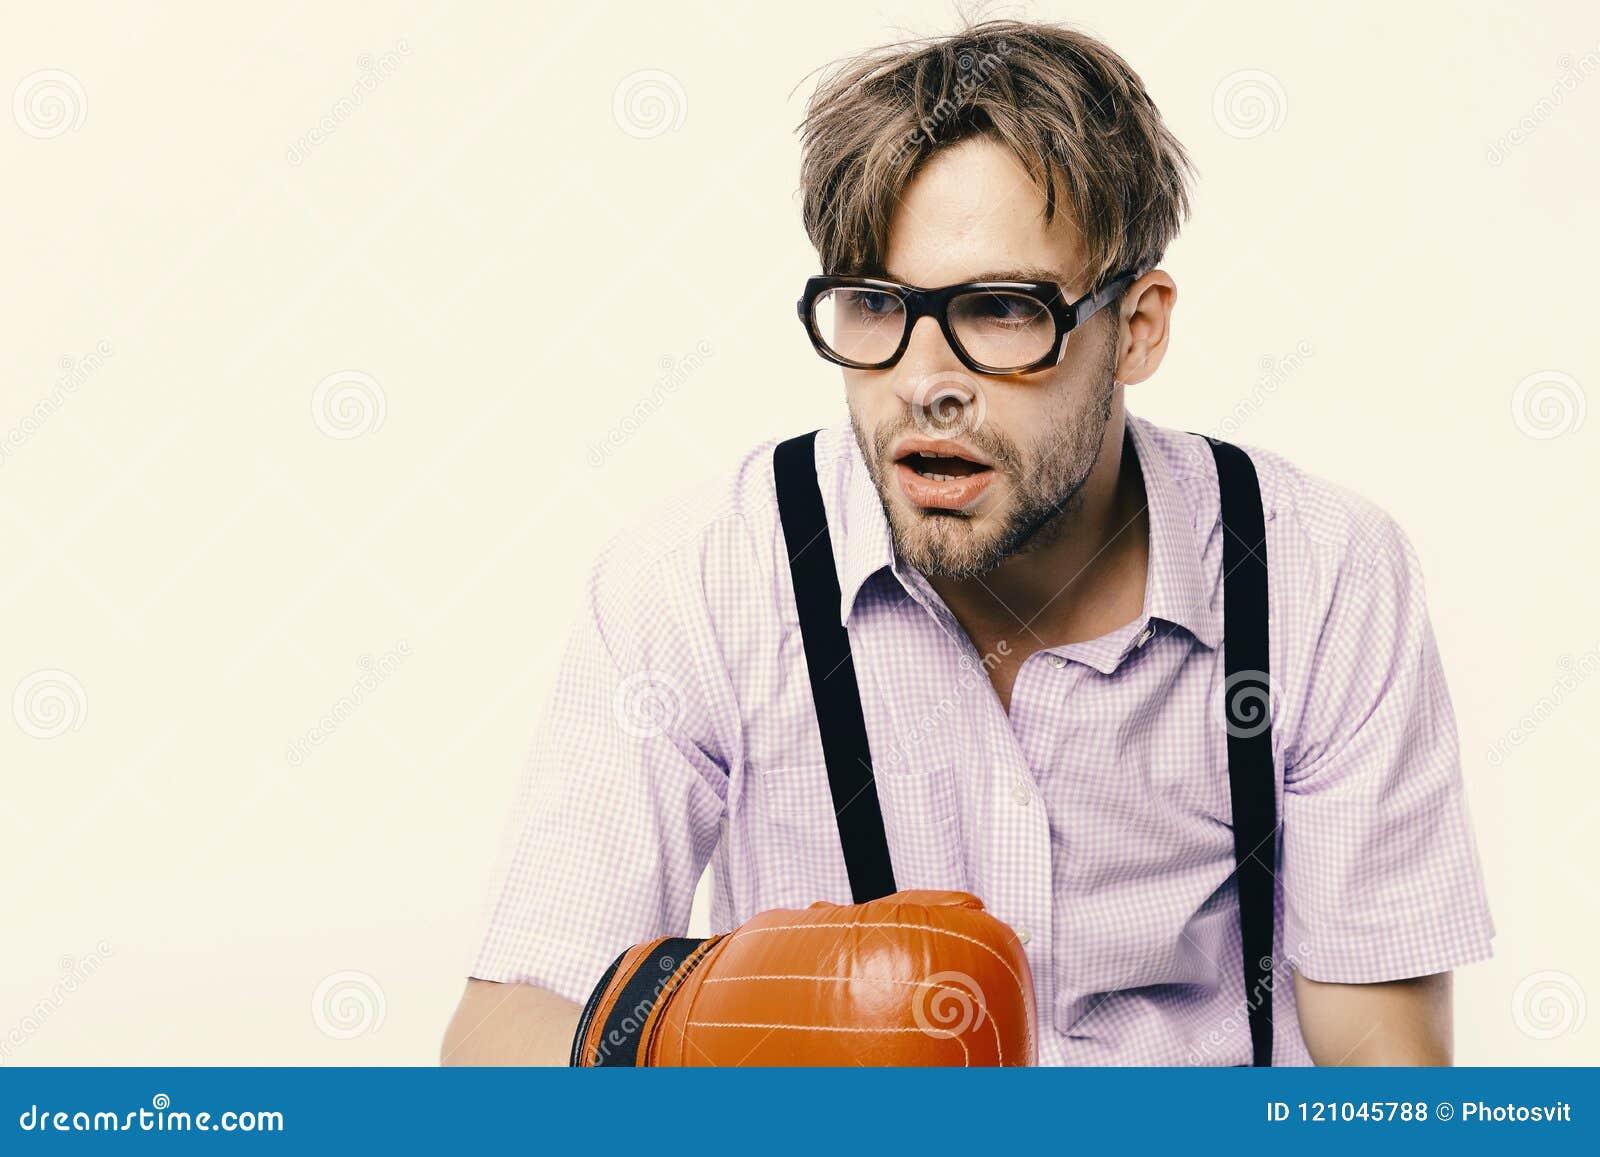 De mens met varkenshaar en saai gezicht draagt bokshandschoenen